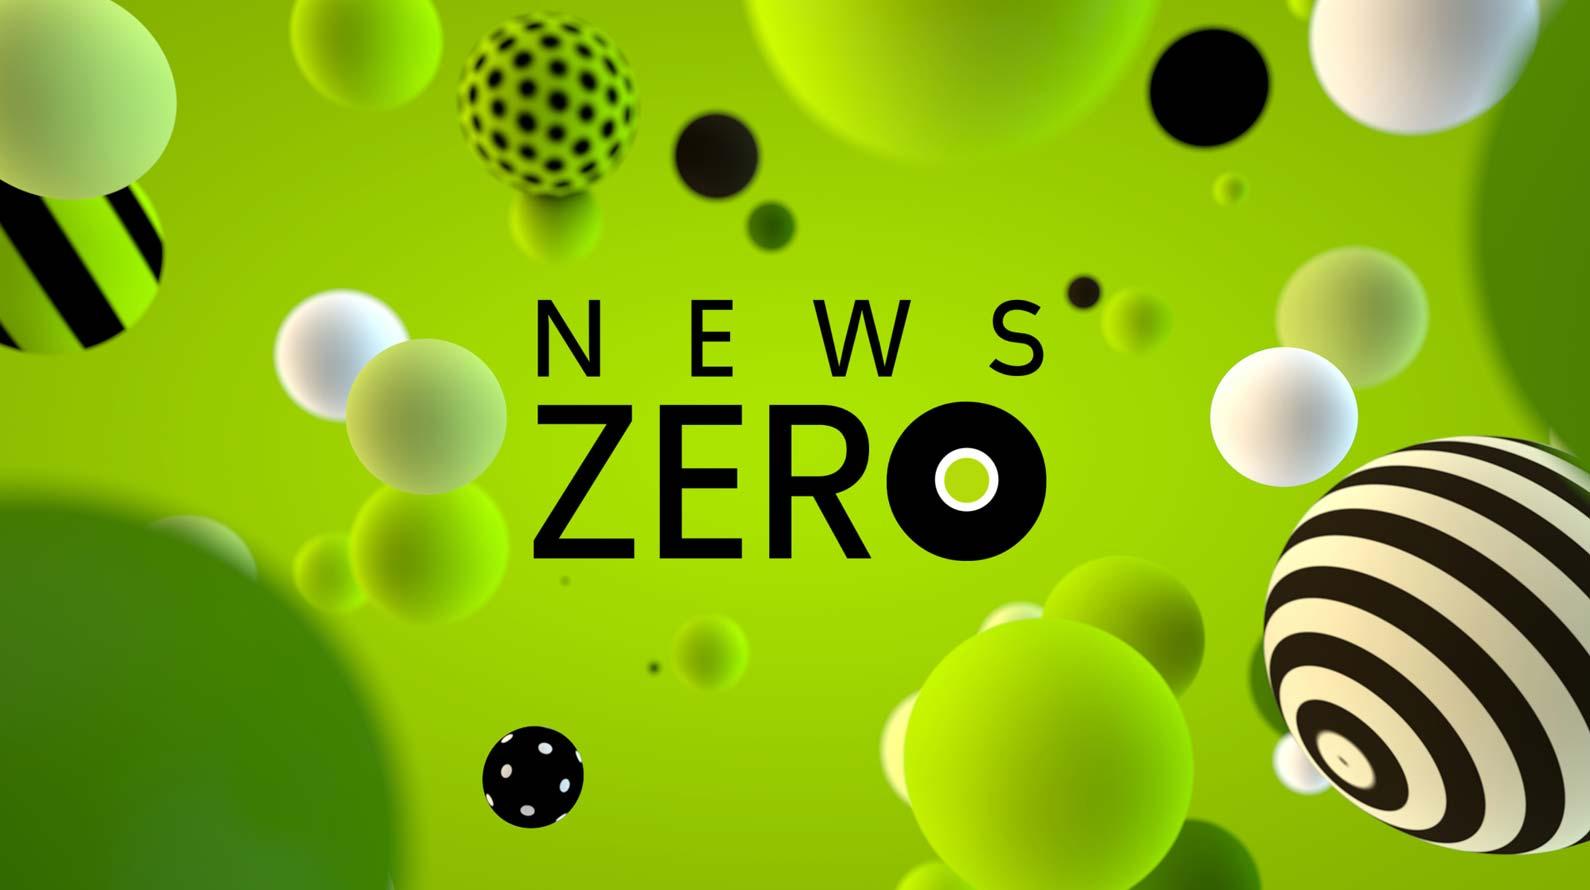 異色!?話題!?NEWS ZERO(ニュースゼロ)のキャスターたち!のサムネイル画像